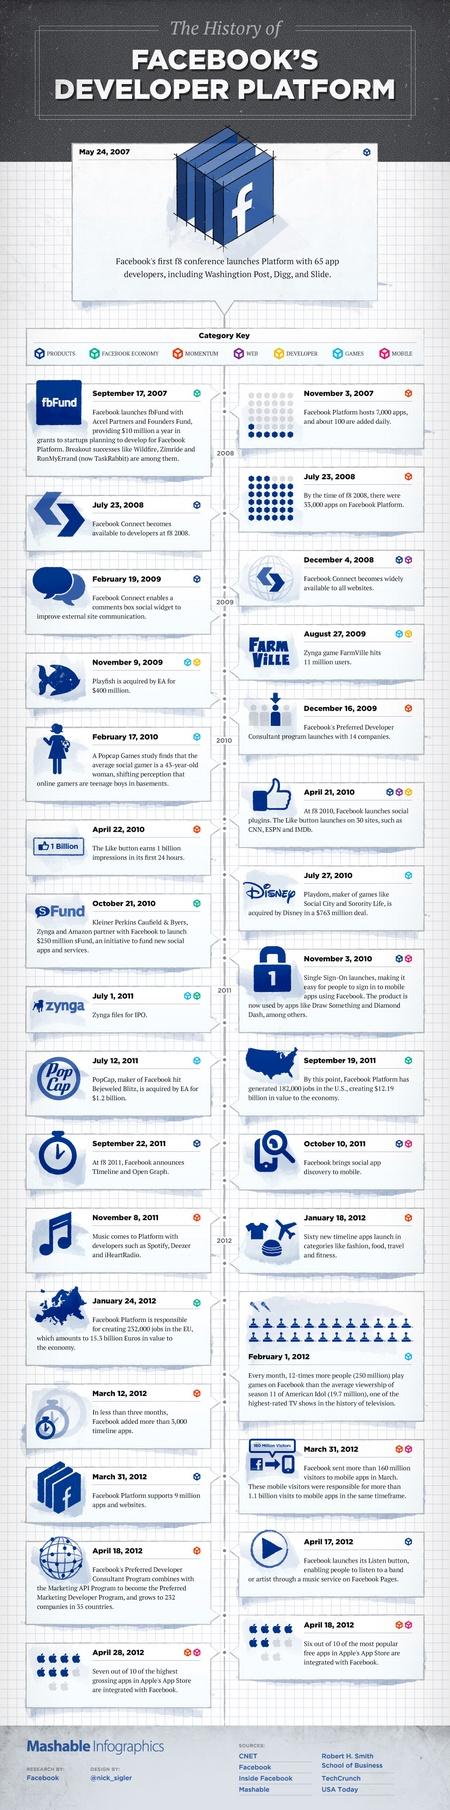 The History of #Facebook's Developer Platform